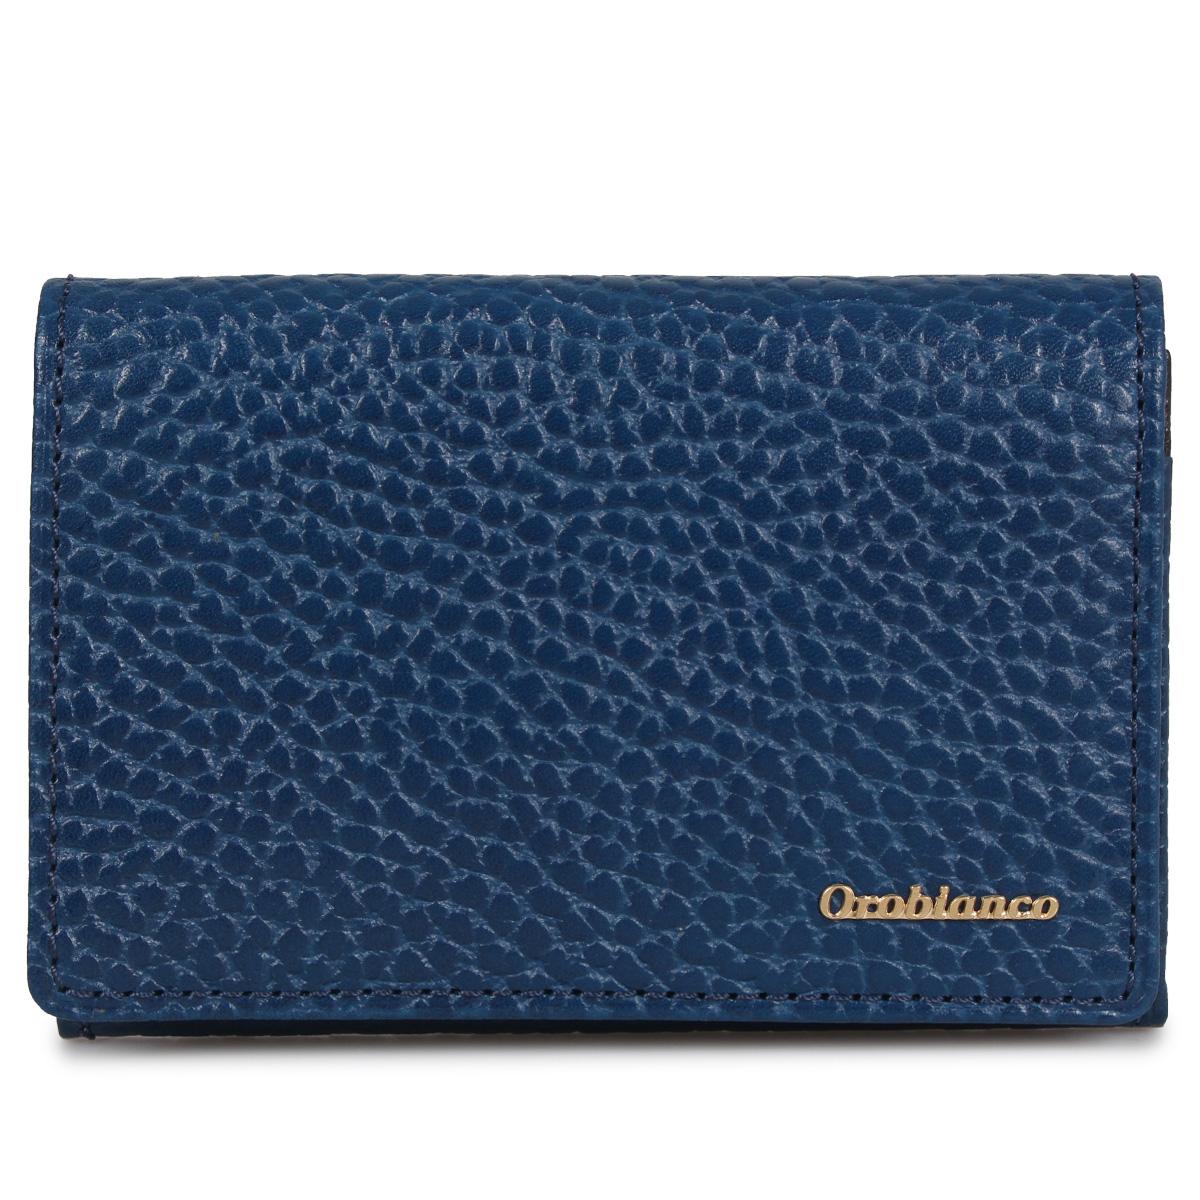 Orobianco BUSINESS CARD HOLDER オロビアンコ カードケース 名刺入れ 定期入れ メンズ ブラック ネイビー ブルー 黒 ORS-021008